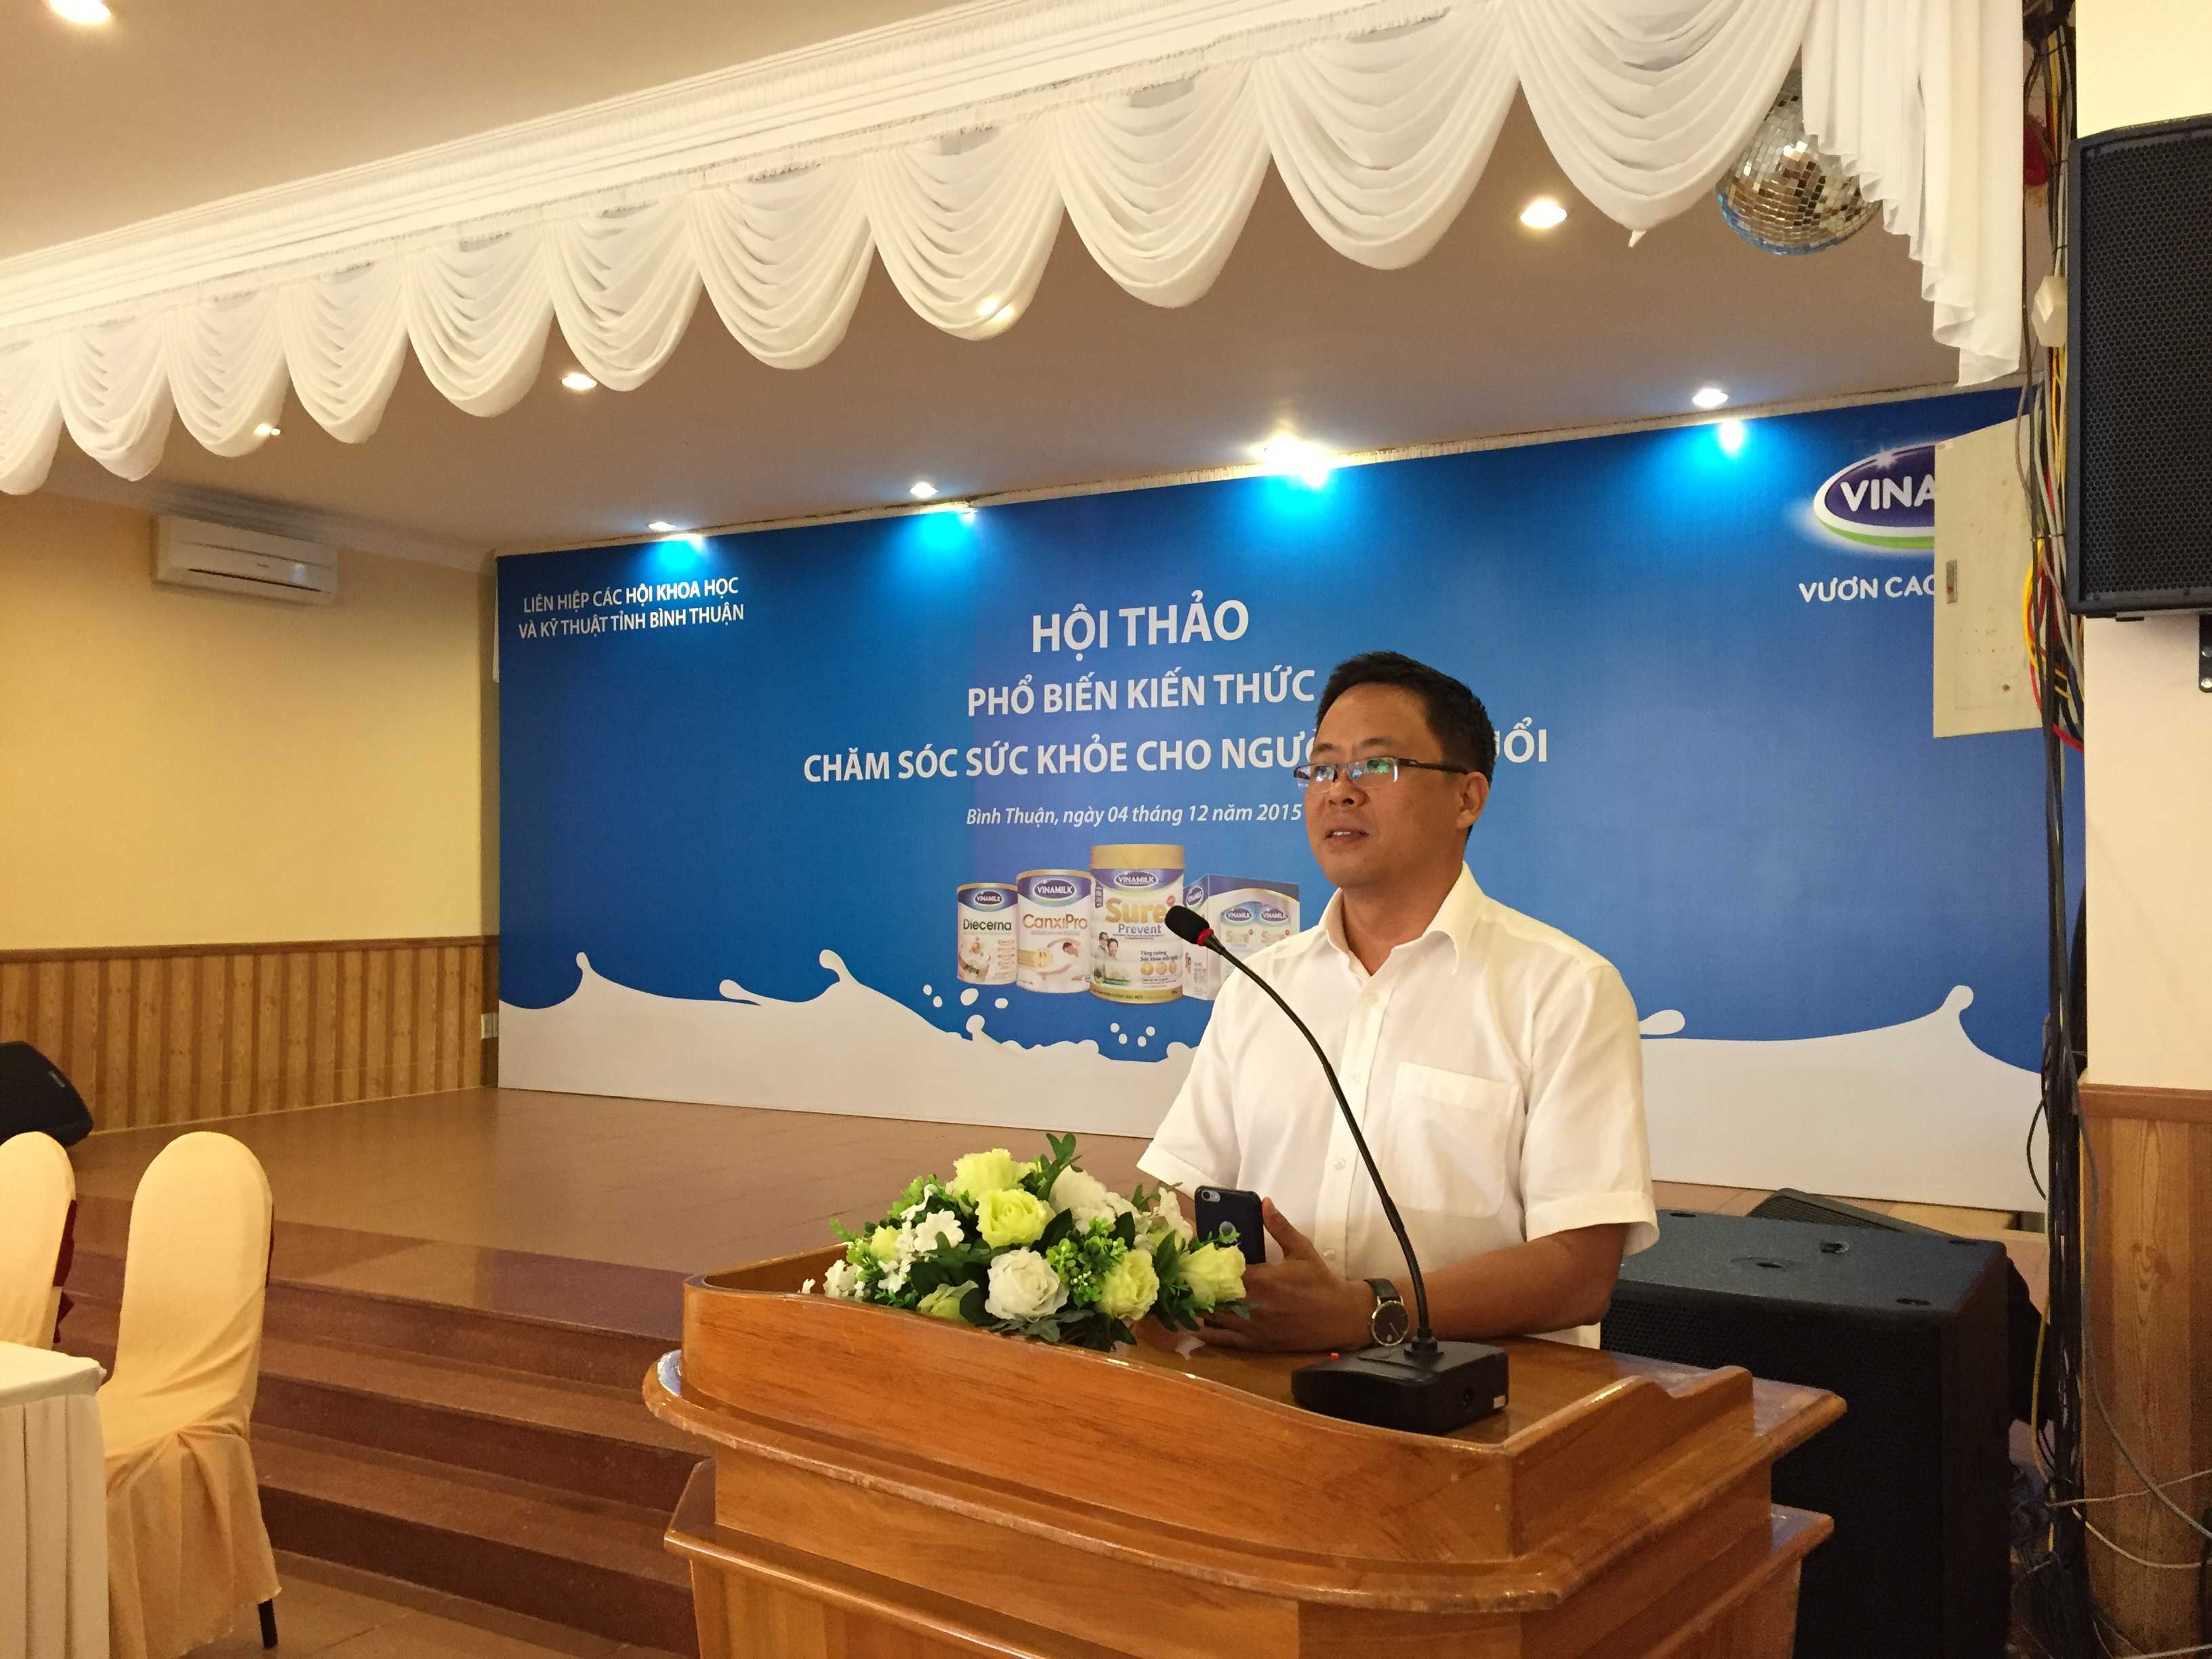 Ông Nguyễn Ngọc Thành, Giám Đốc Kinh Doanh Miền Trung 2 phát biểu tại hội thảo ở Bình Thuận